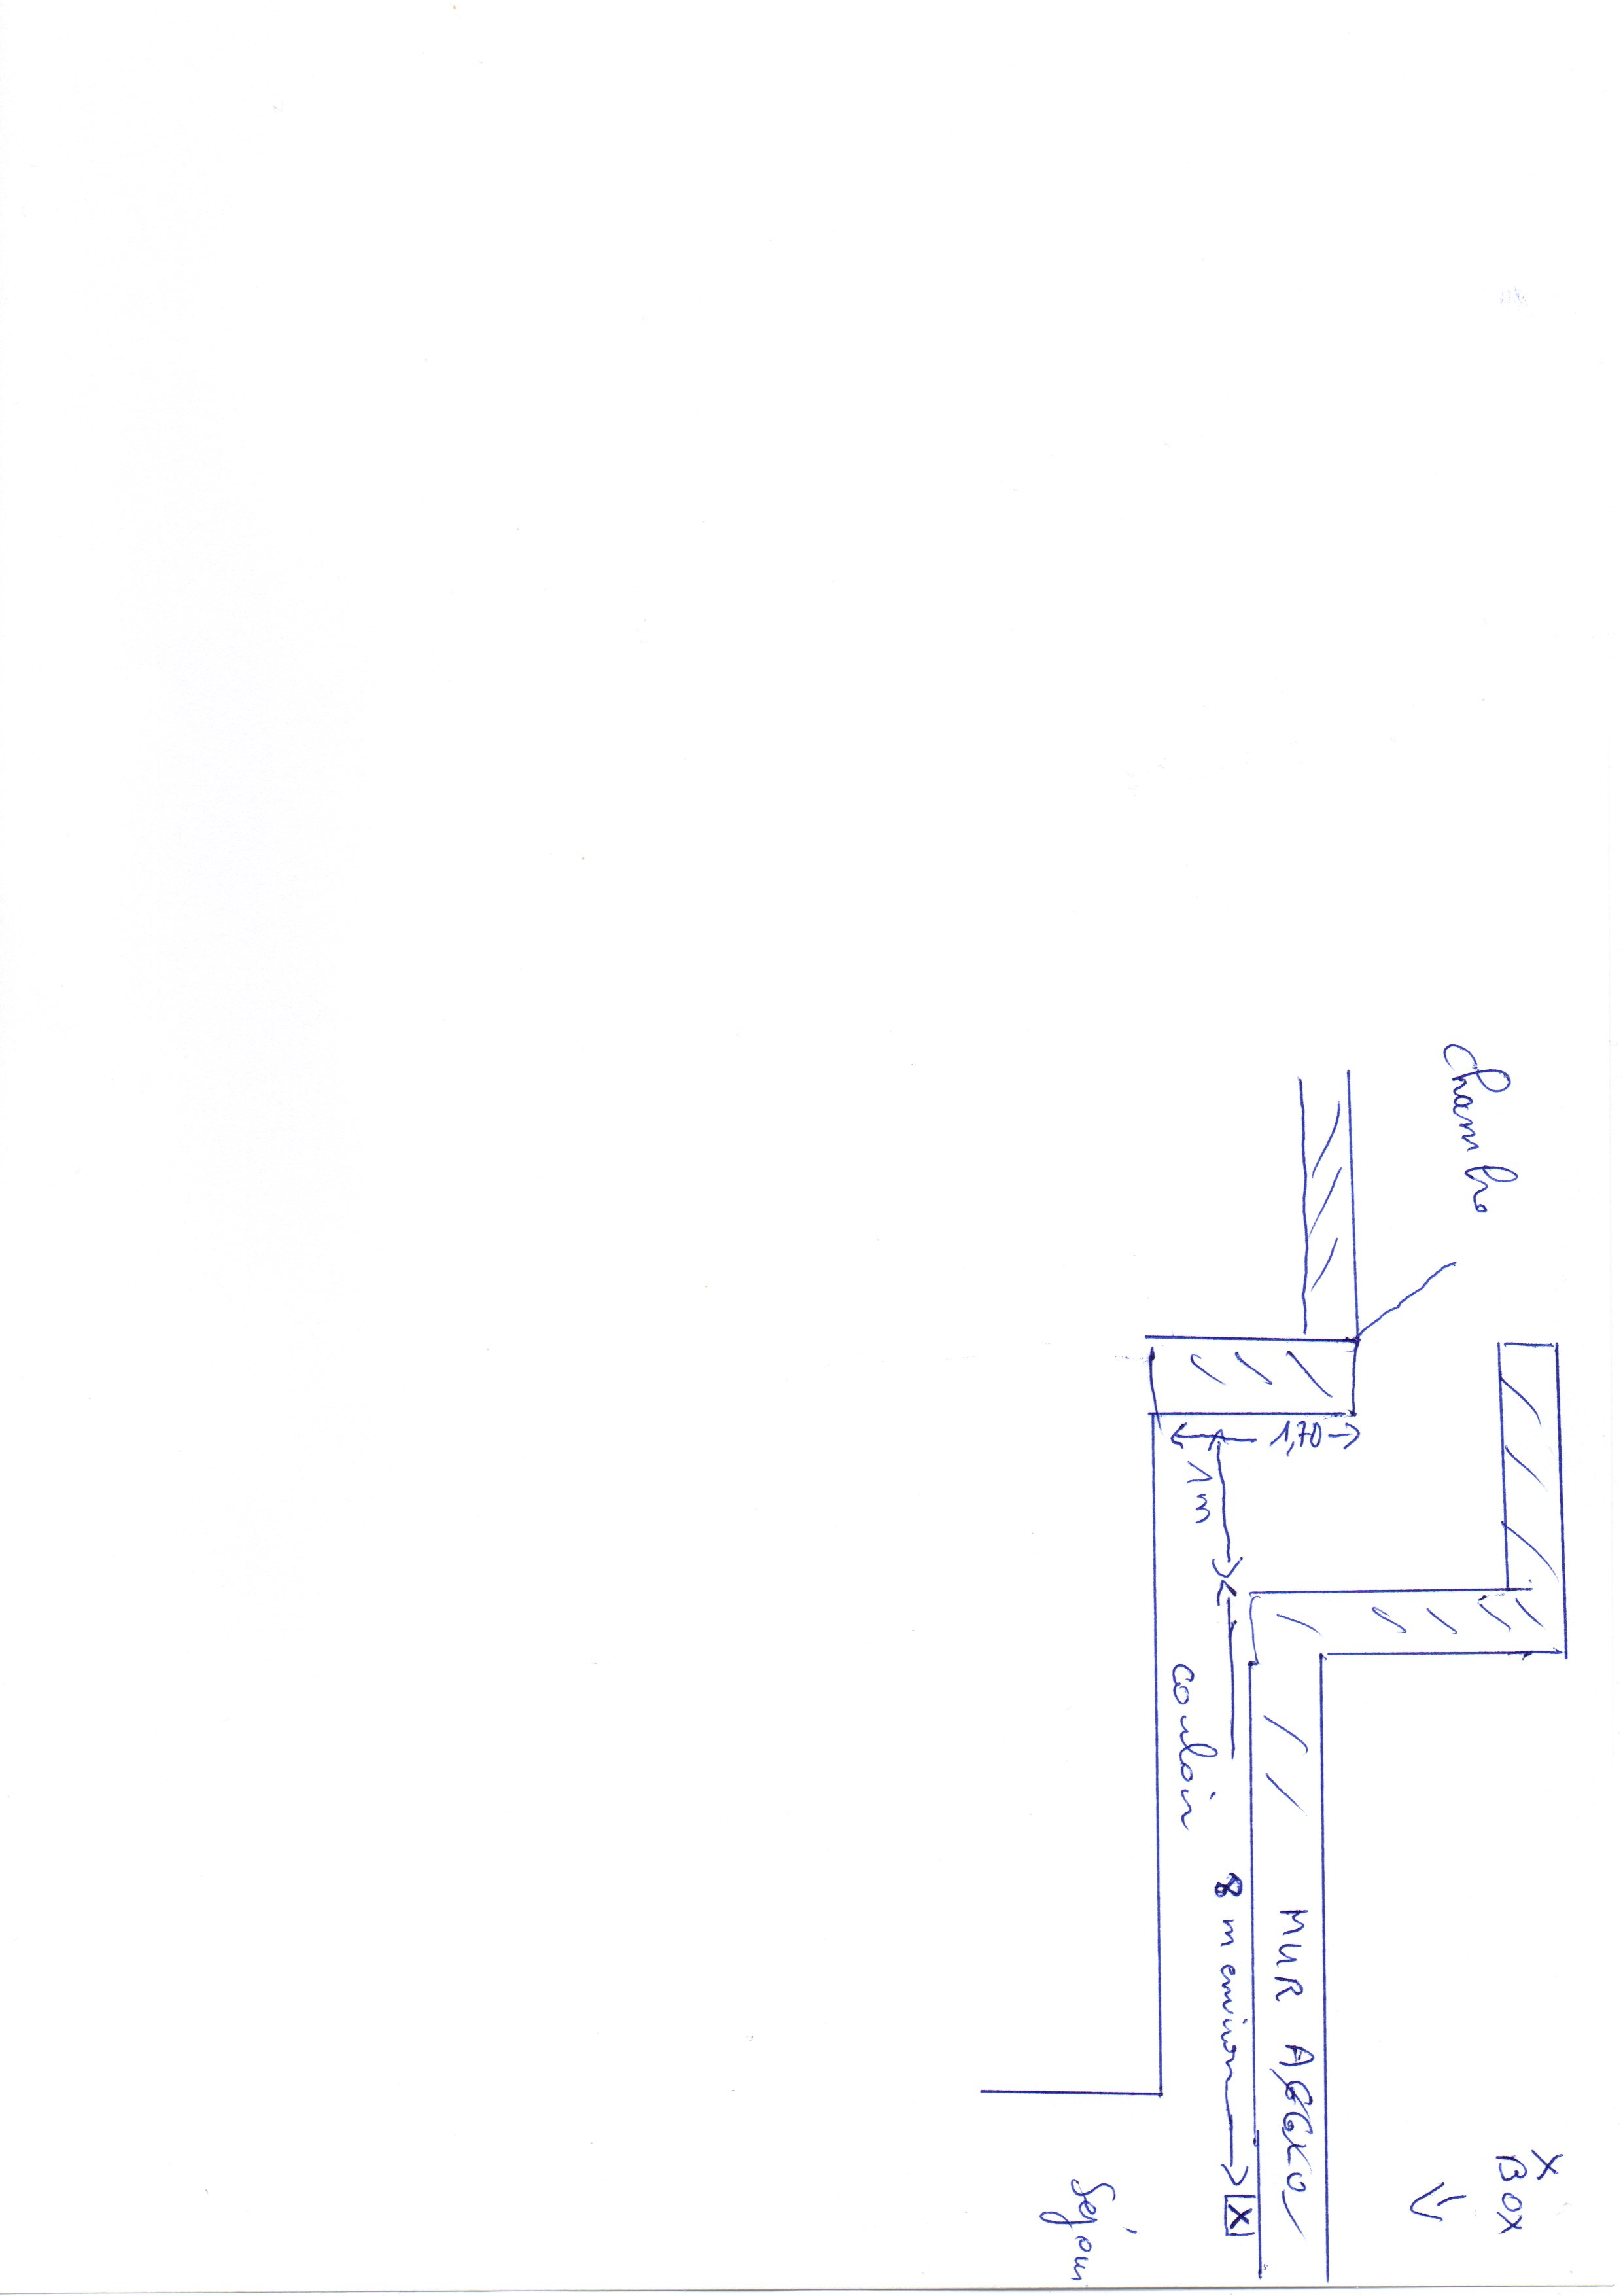 toujours pas internet dans ma chambre page 1 probl mes adsl orange sans guigne. Black Bedroom Furniture Sets. Home Design Ideas